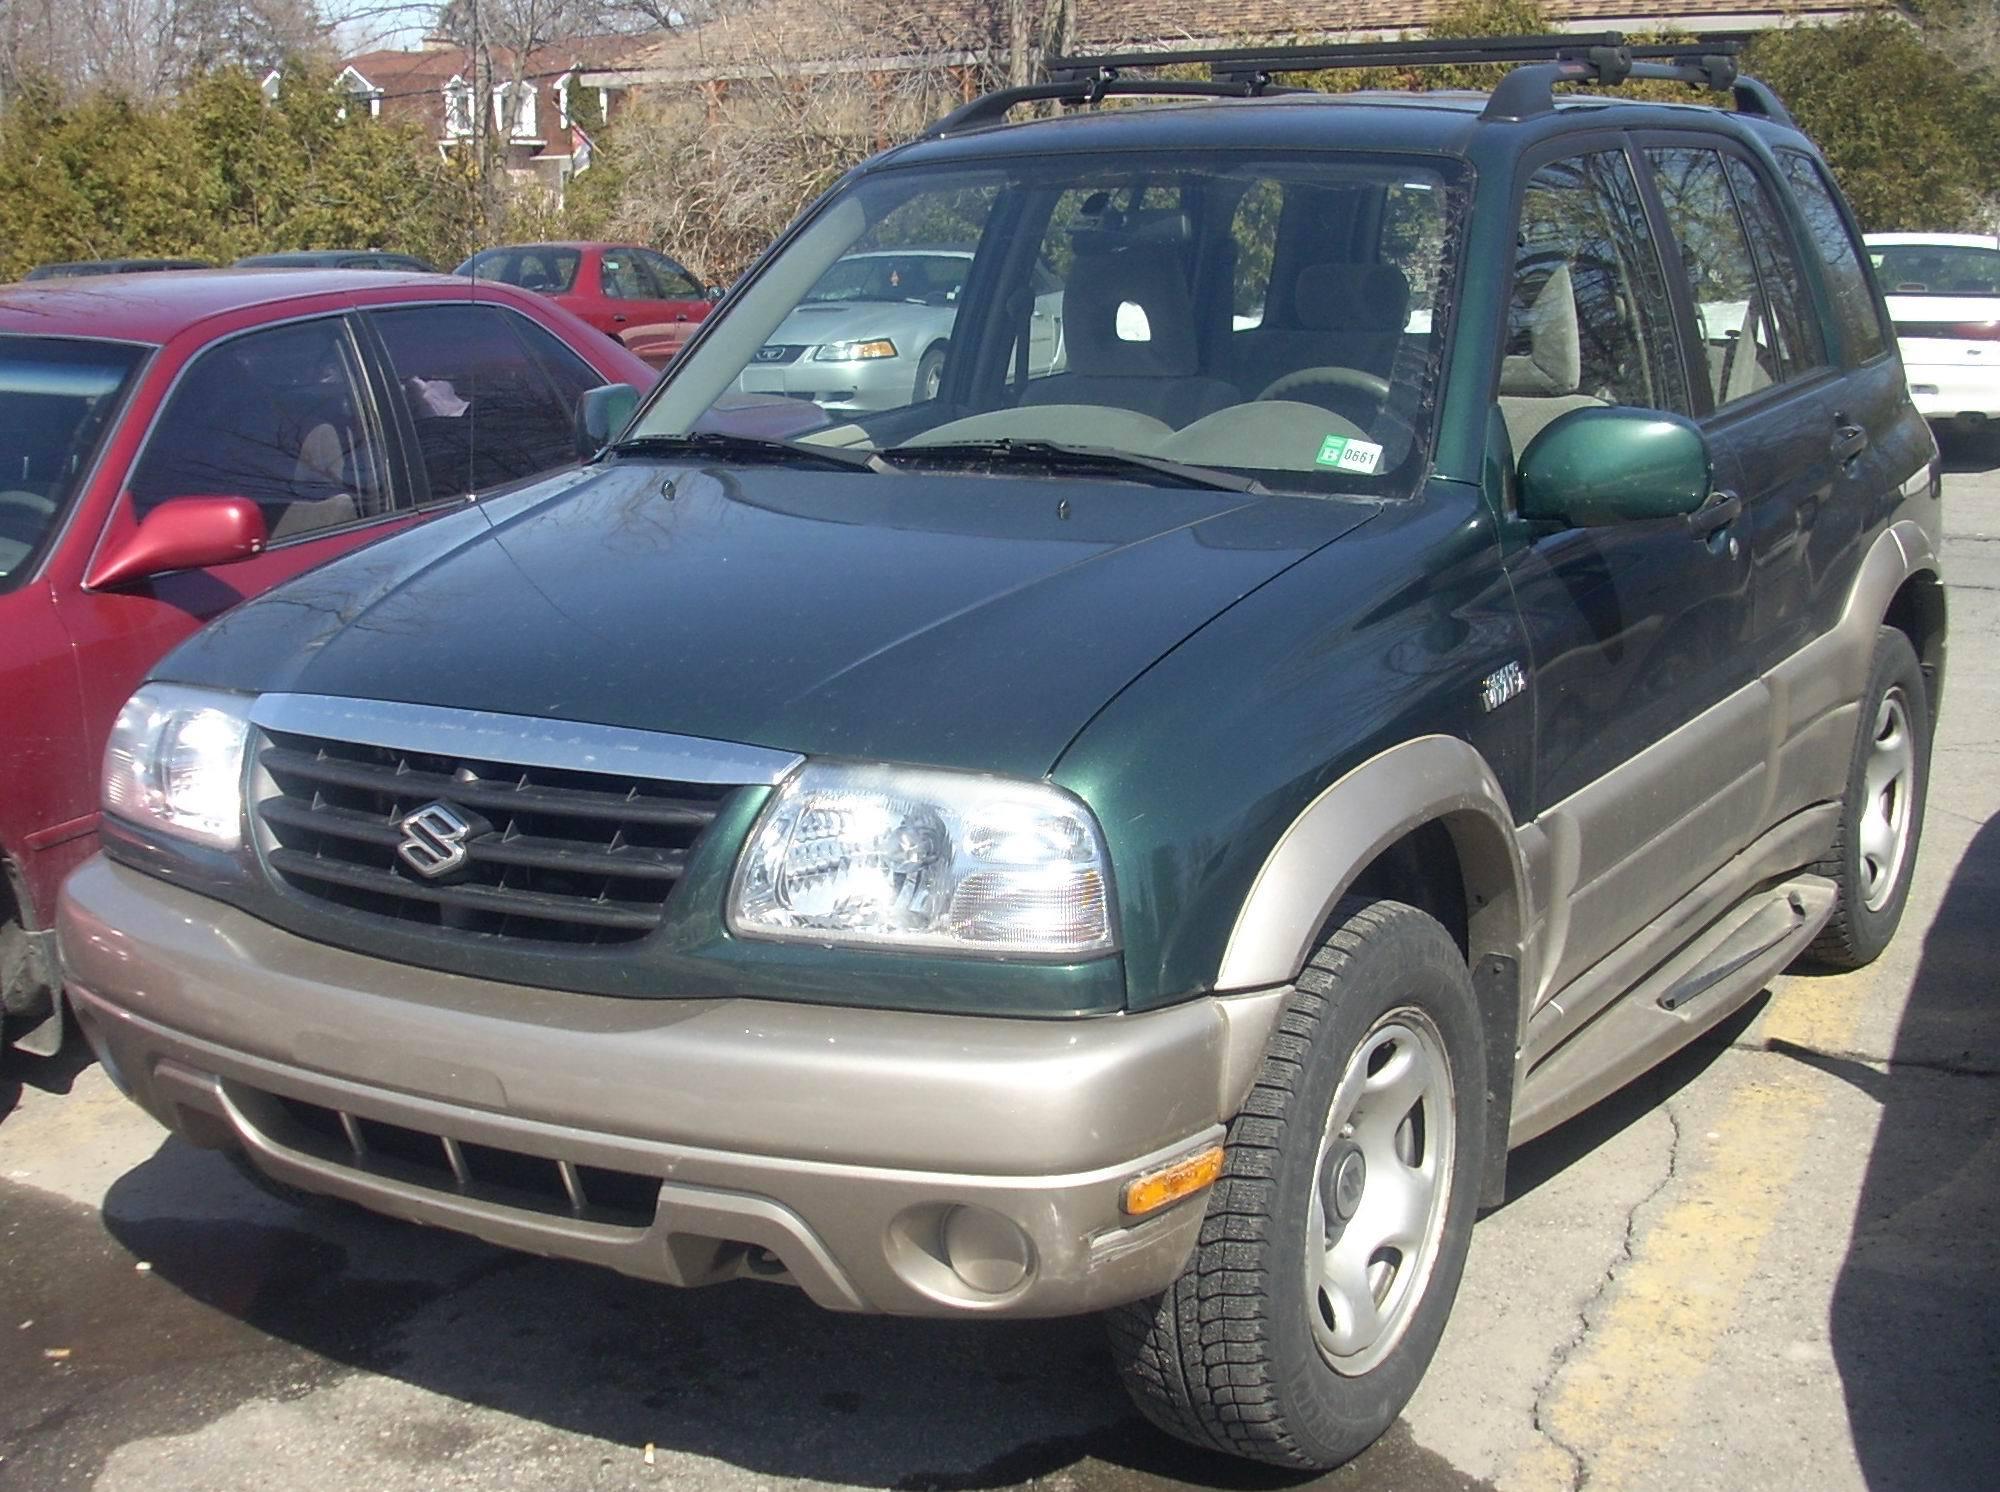 File:'02-'03 Suzuki Grand Vitara.JPG - Wikimedia Commons